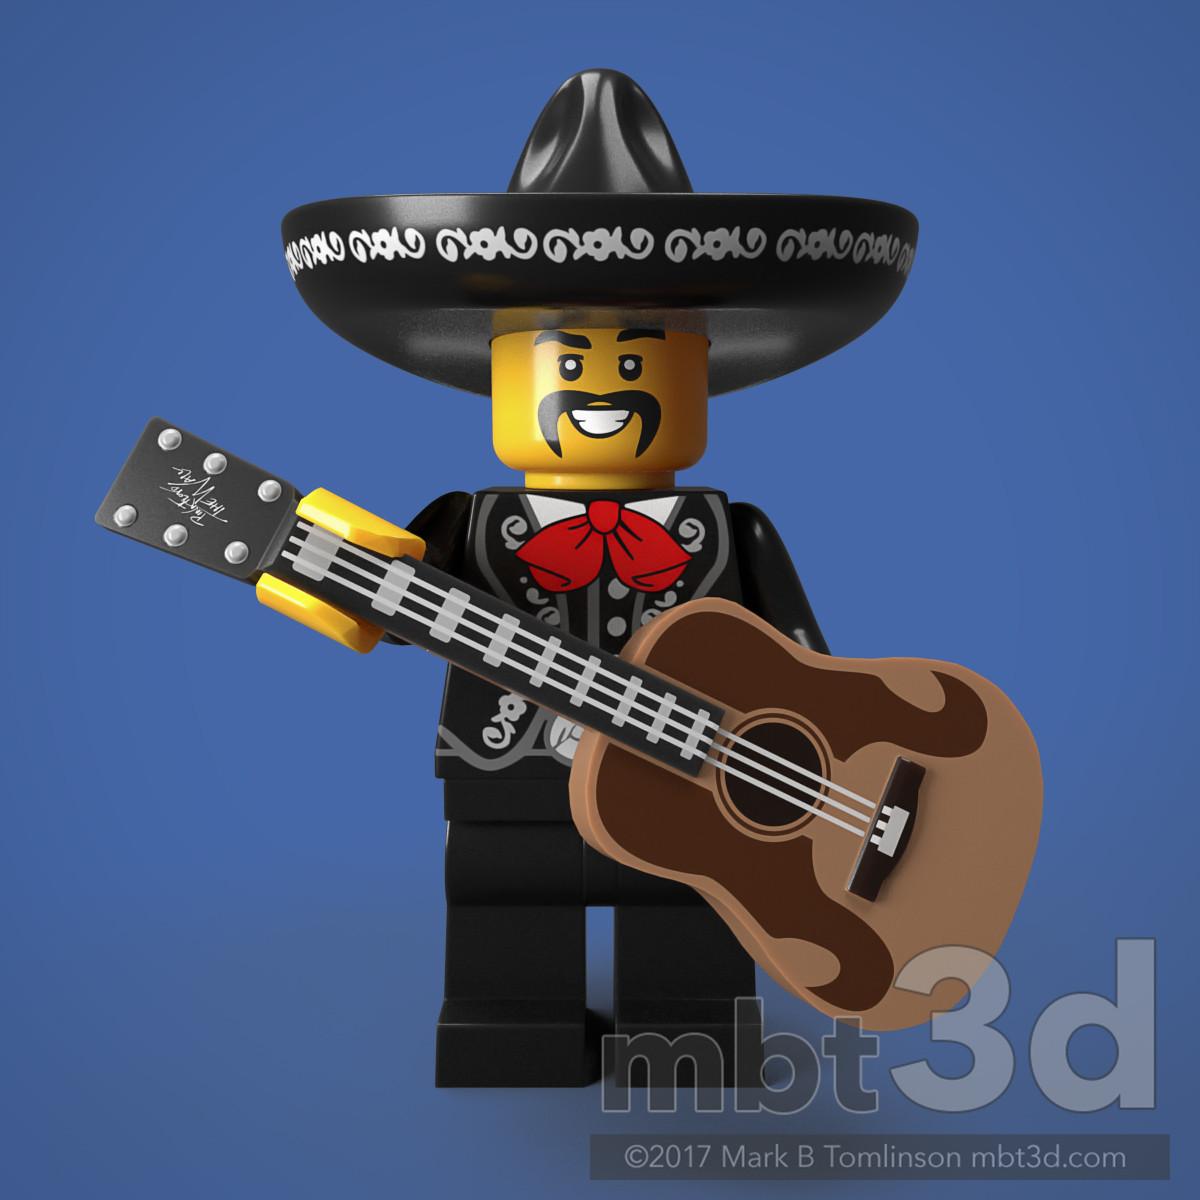 El Mexicano Minifigure Guitar